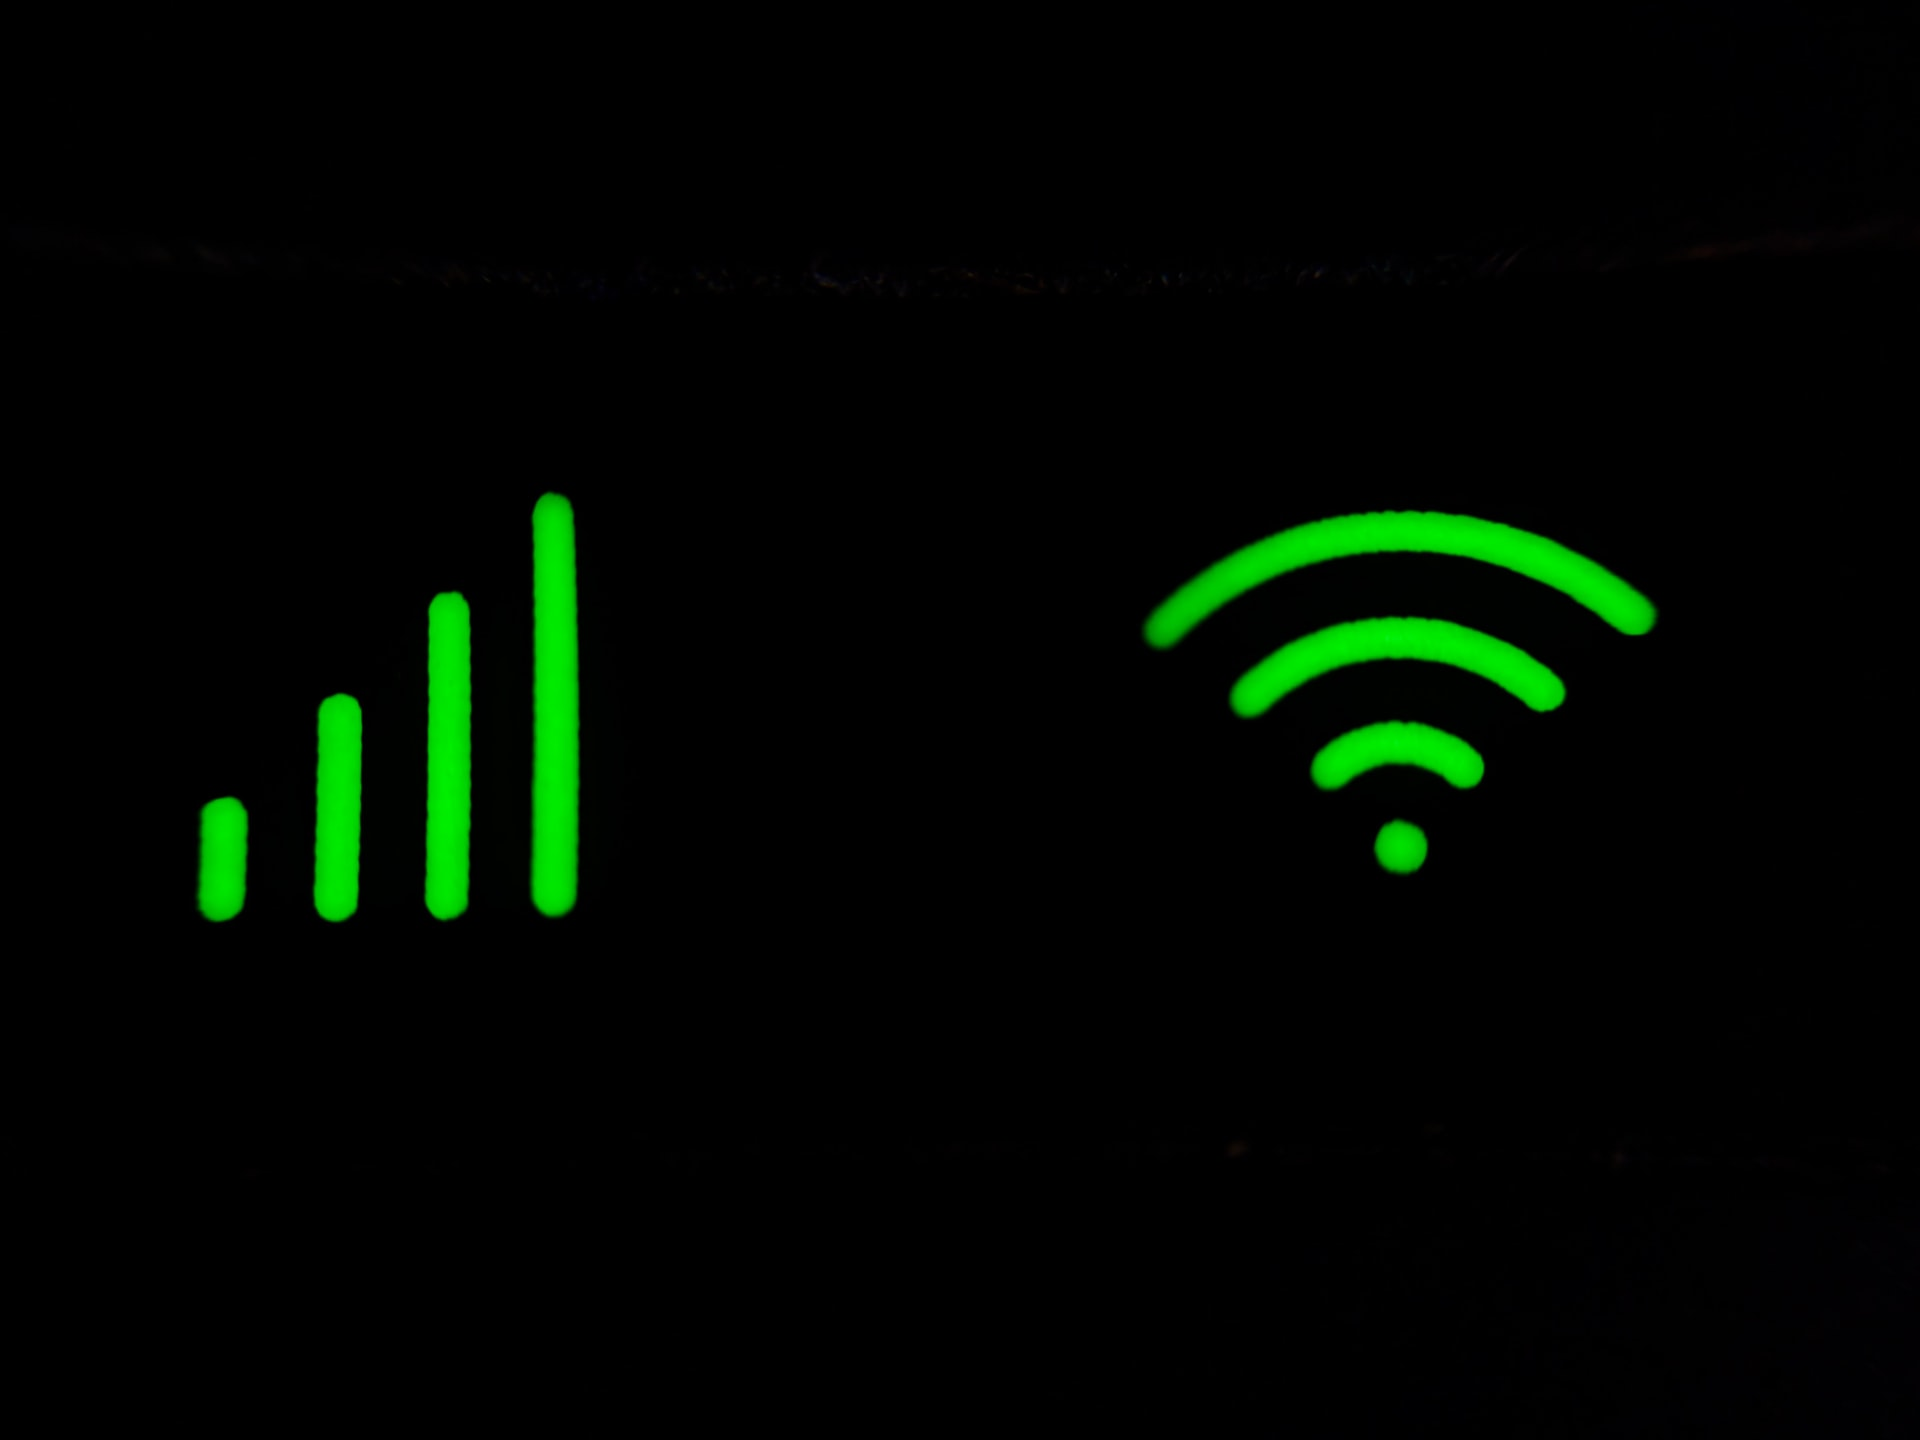 La France pourrait donner son feu vert à l'adoption progressive du Wi-Fi 6E avant le printemps prochain